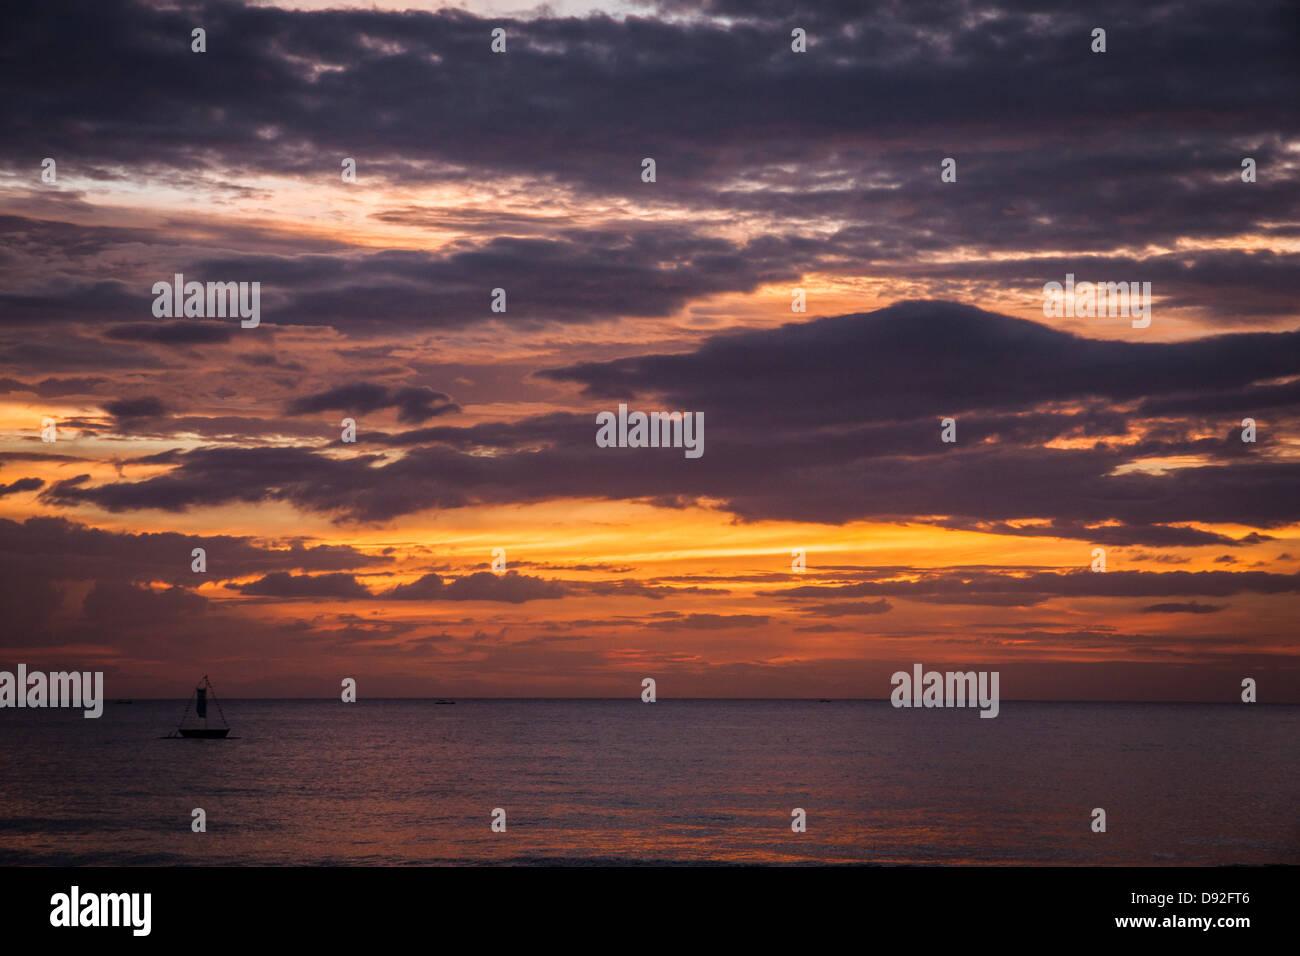 Sugar Beach tramonto su una zattera di immersioni Immagini Stock